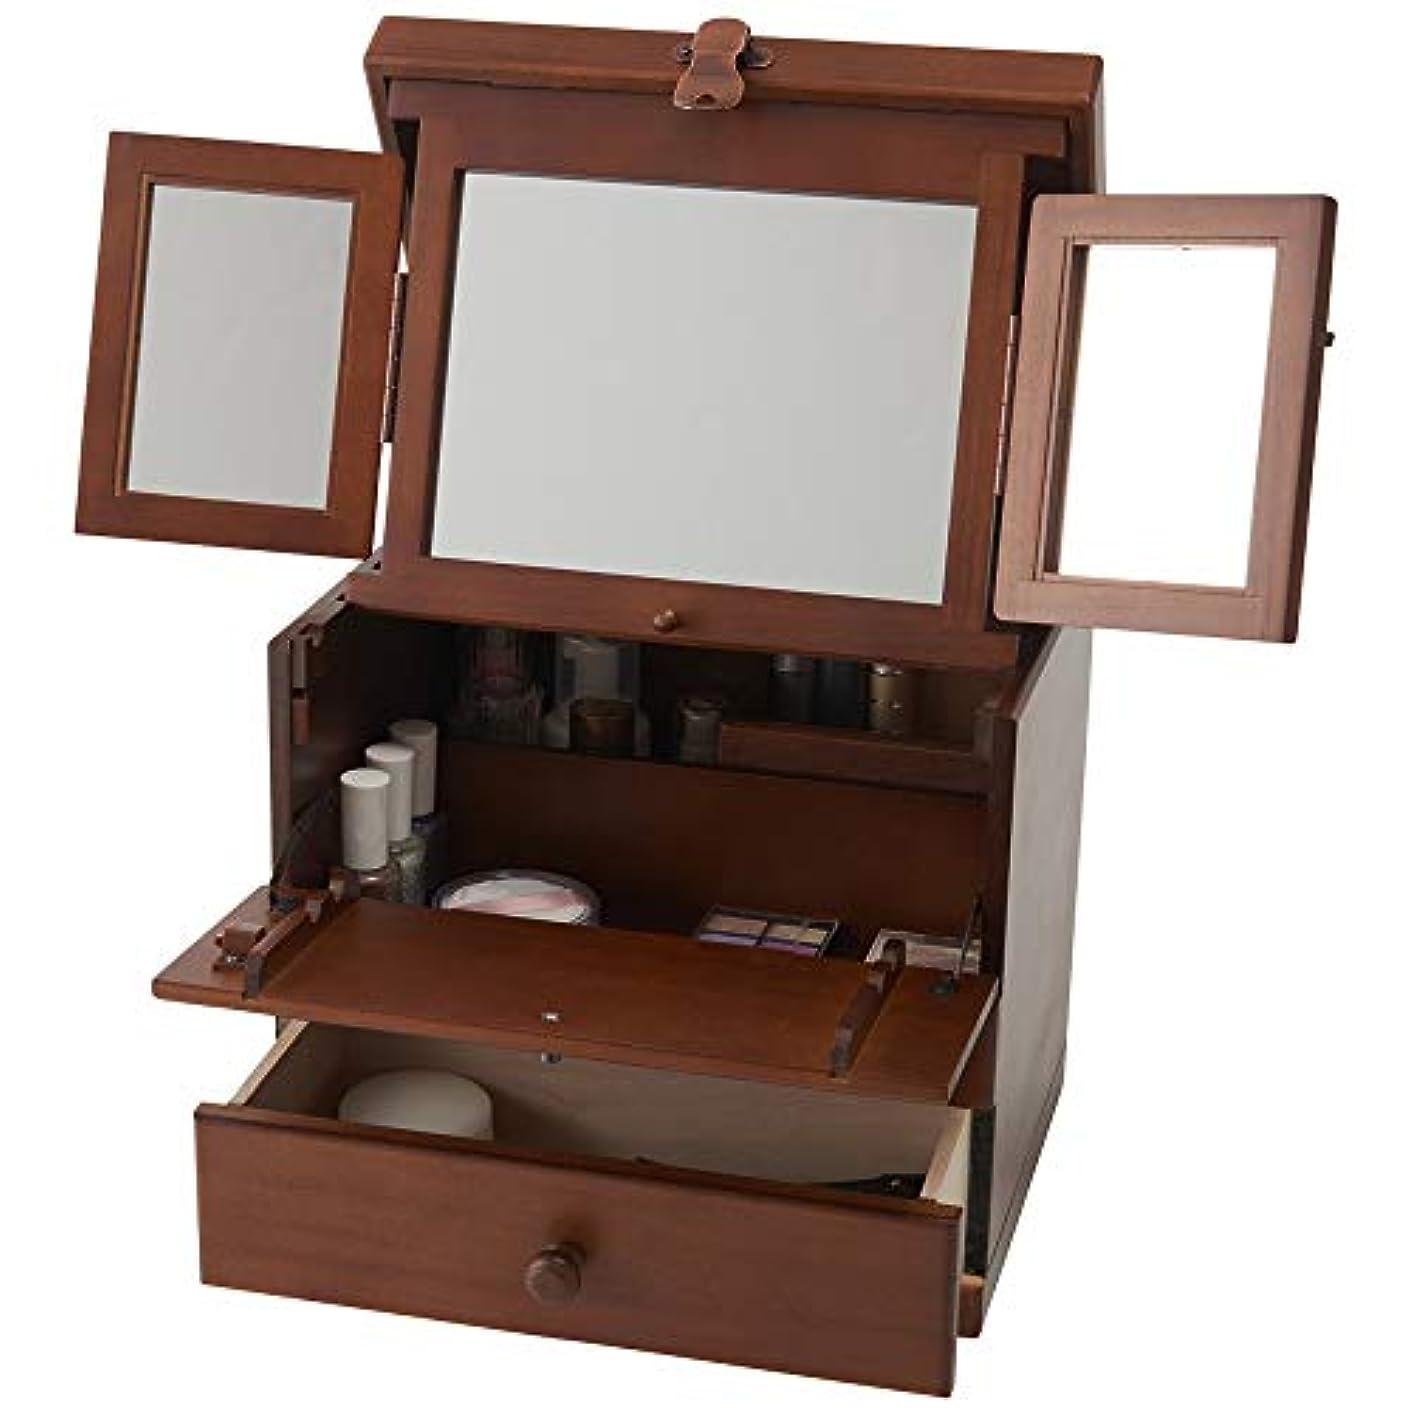 欠員ロイヤリティはっきりしない木製コスメボックス 三面鏡 持ち運び 鏡付き 化粧ボックス メイクボックス 日本製